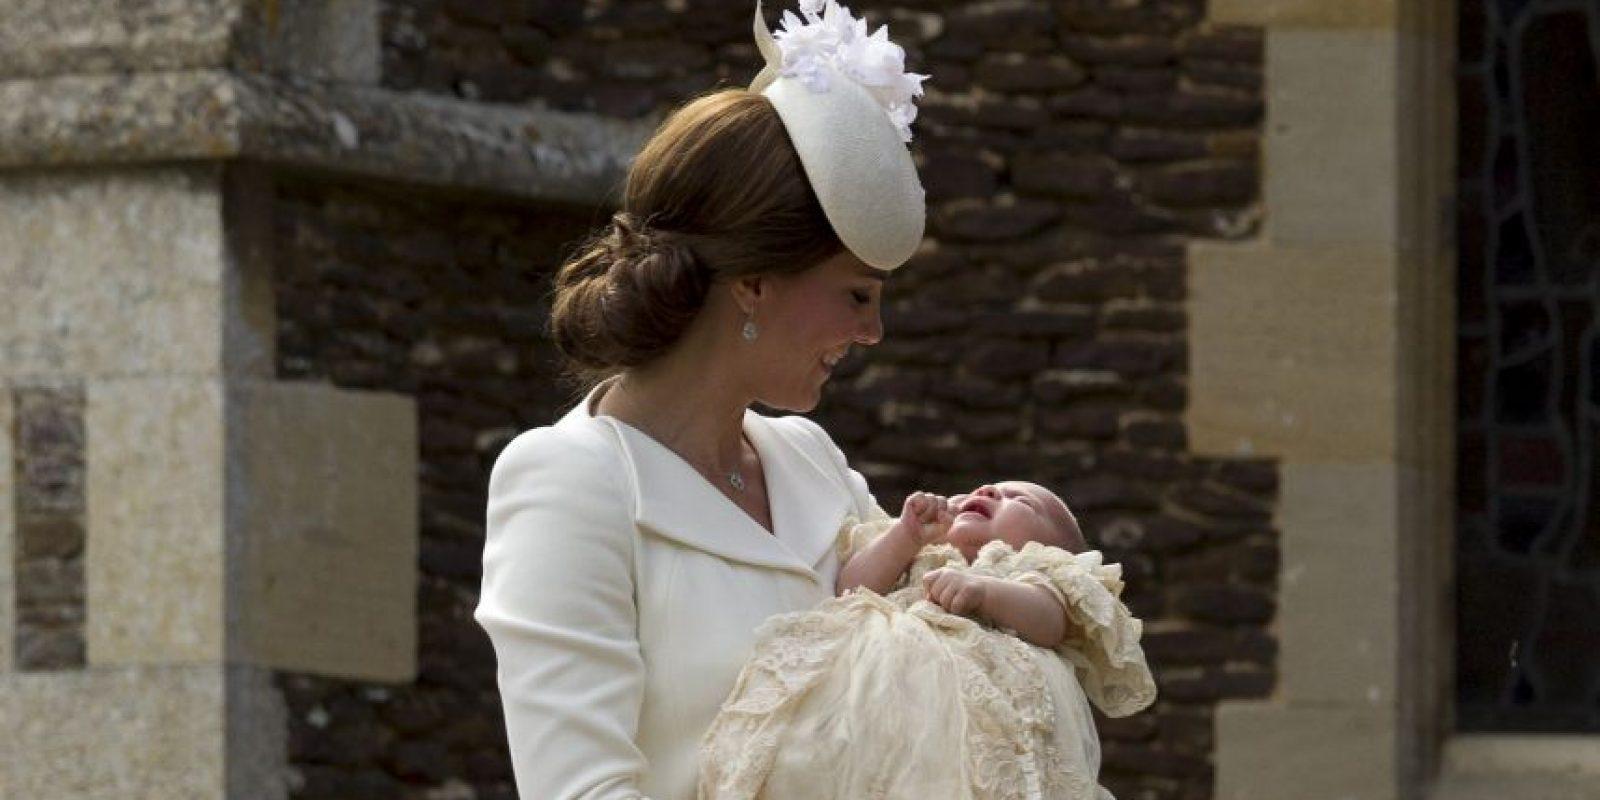 La princesa Charlotte fue bautizada en la iglesia de Santa María Magdalena en Sandringham, en el condado inglés de Norfolk. Foto:AP